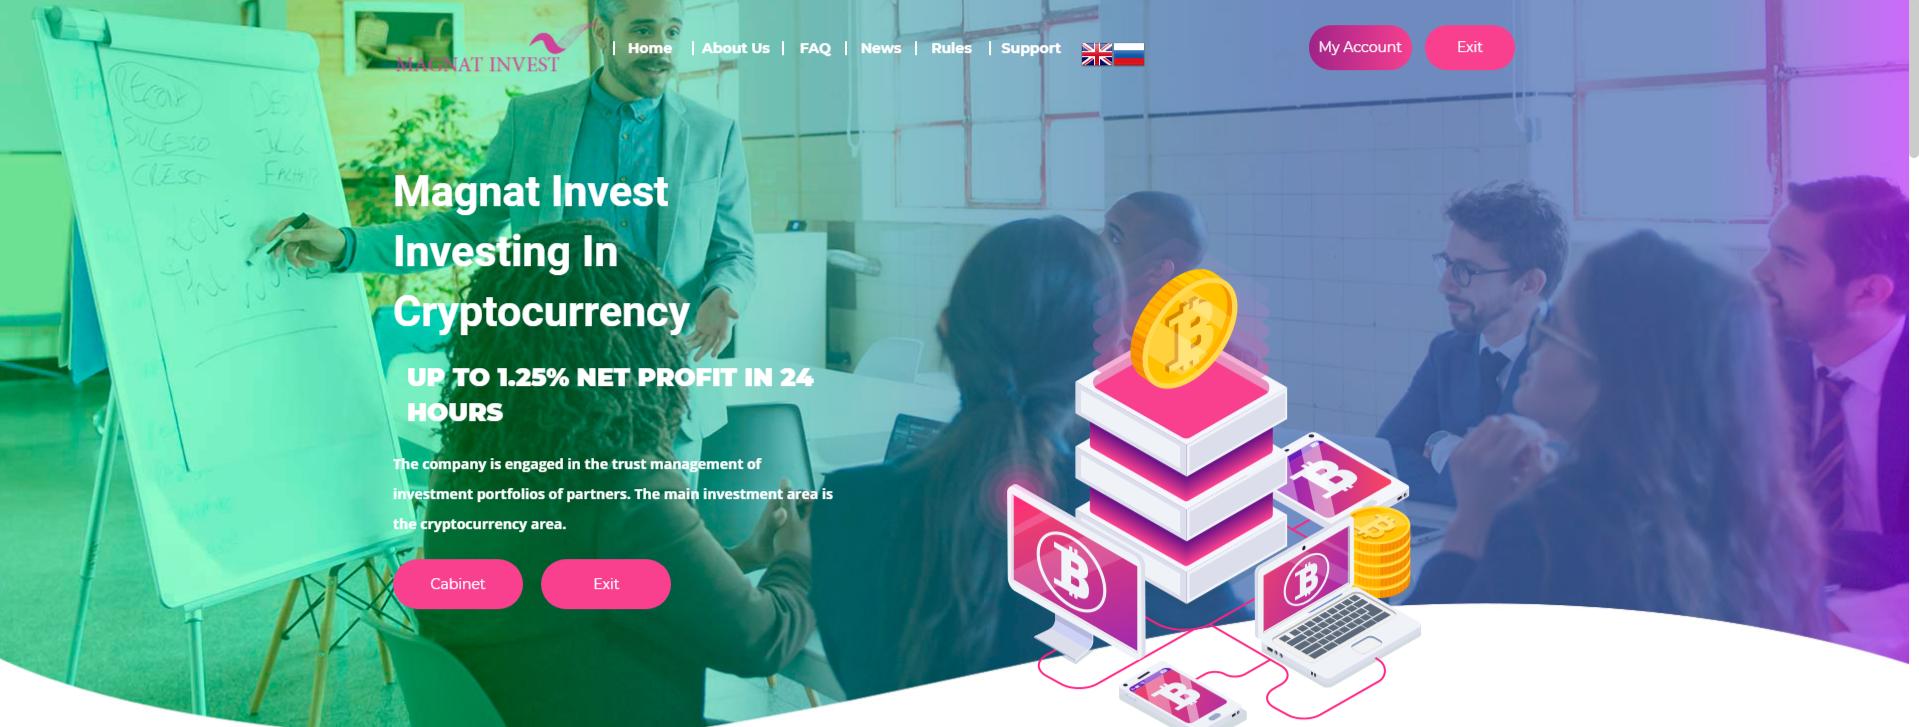 magnat-invest.comis SCAM or LEGIT?